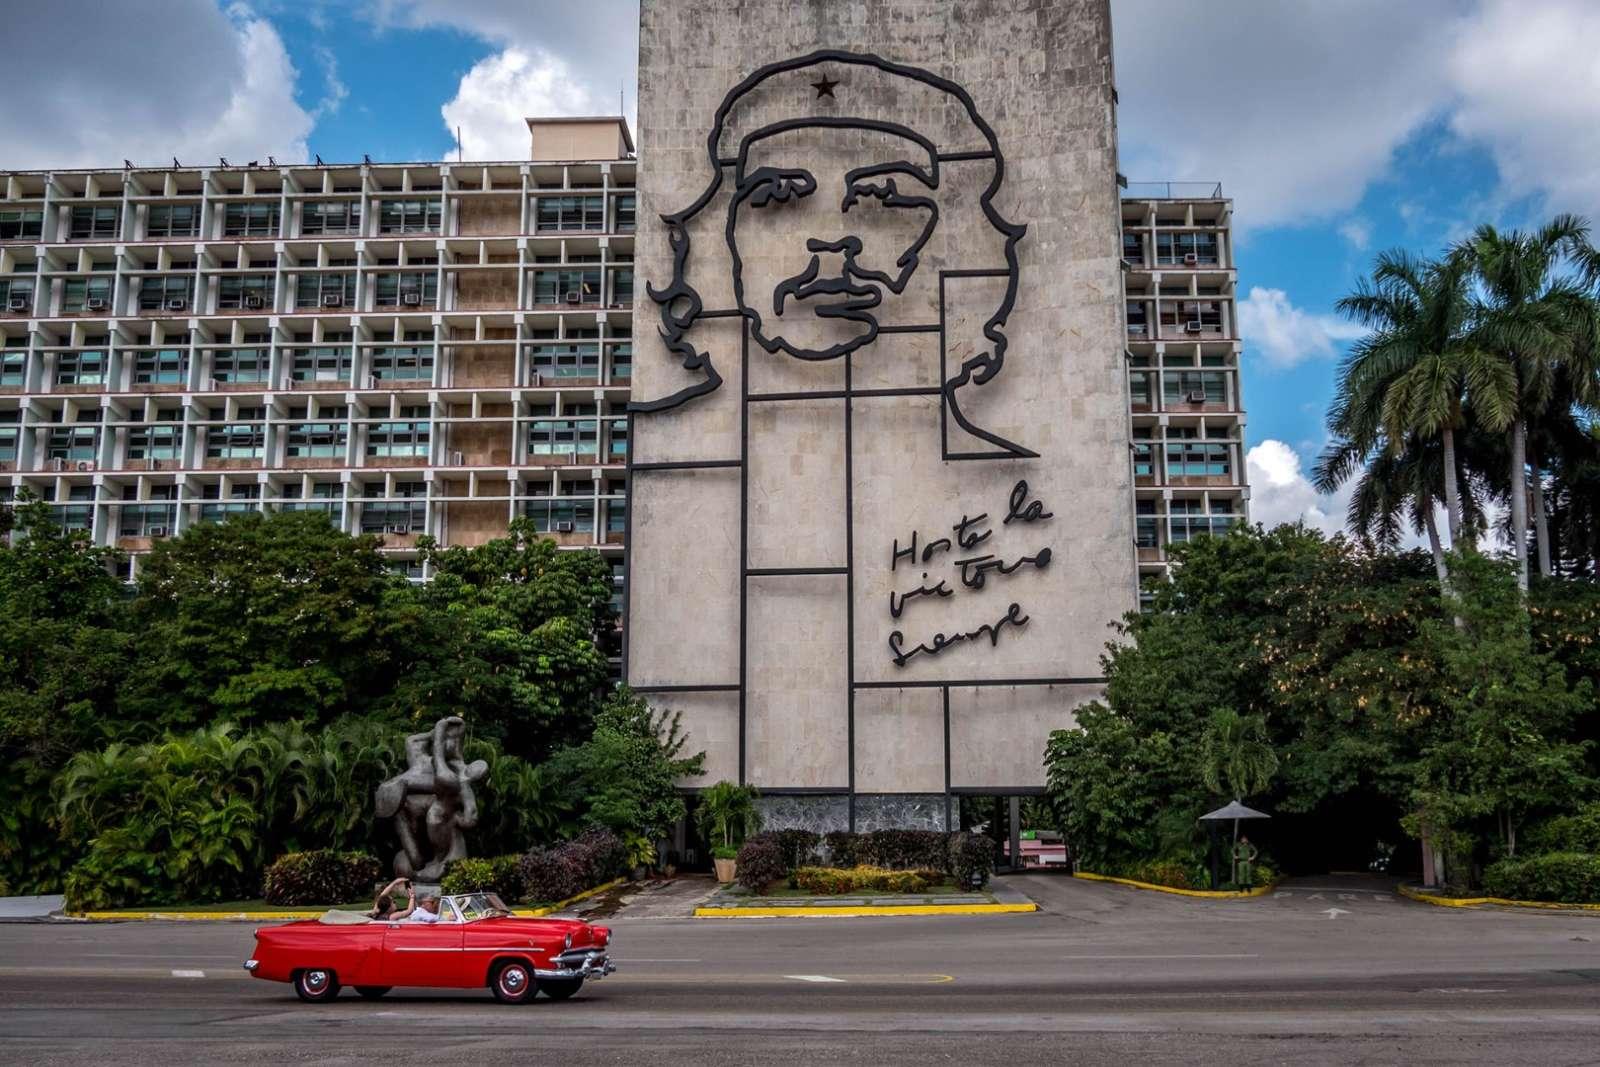 Mural of Che Guevara in Revolution Square, Havana